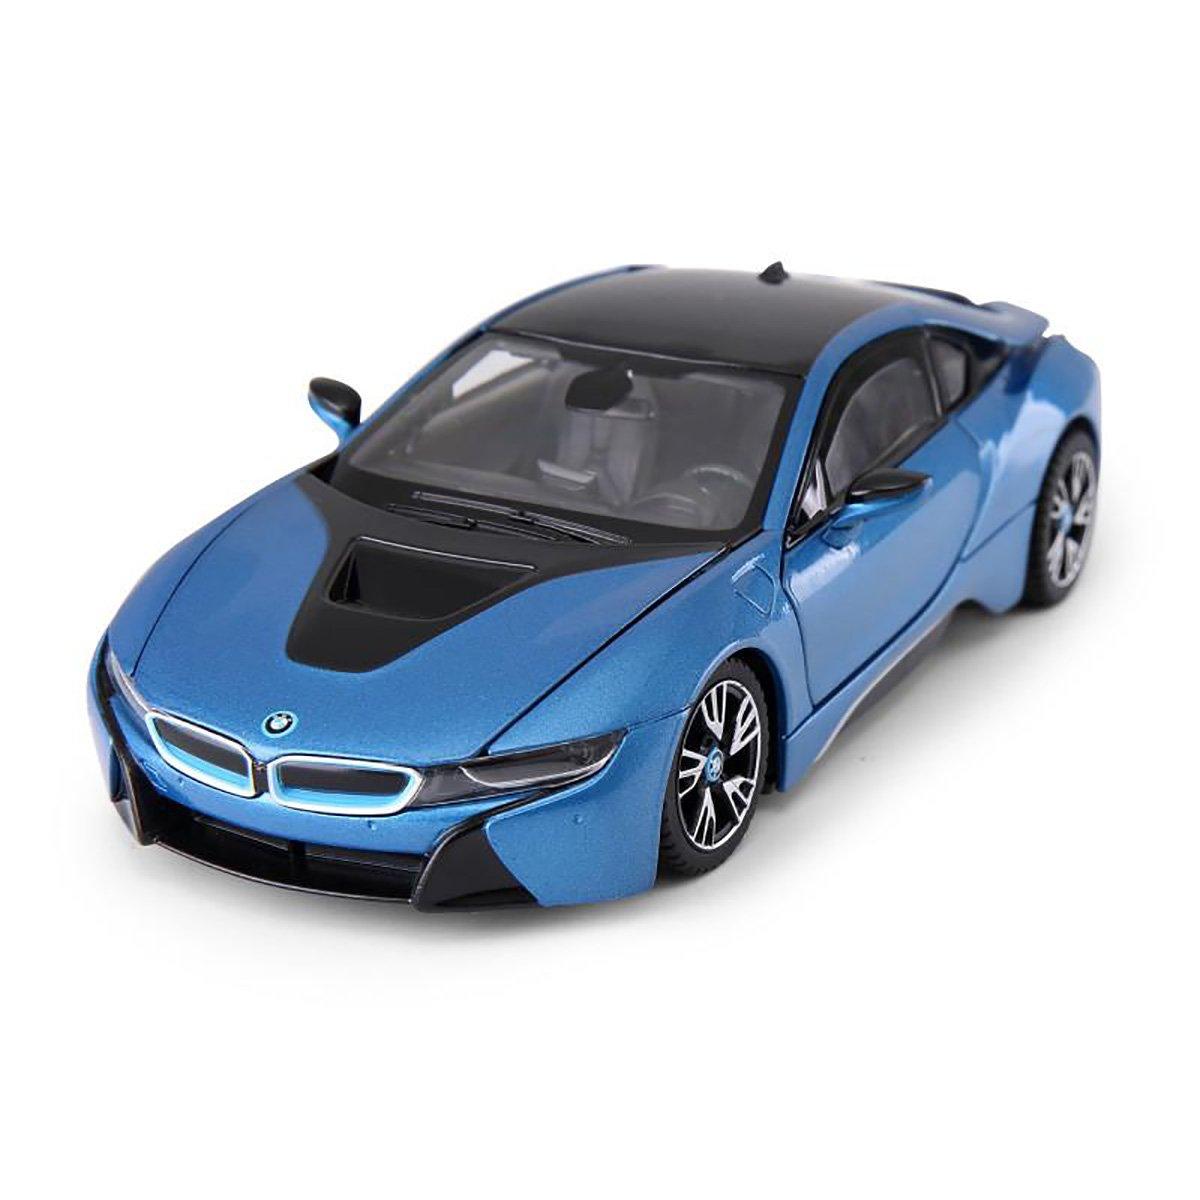 Masinuta Rastar BMW I8, Albastru, 1:43